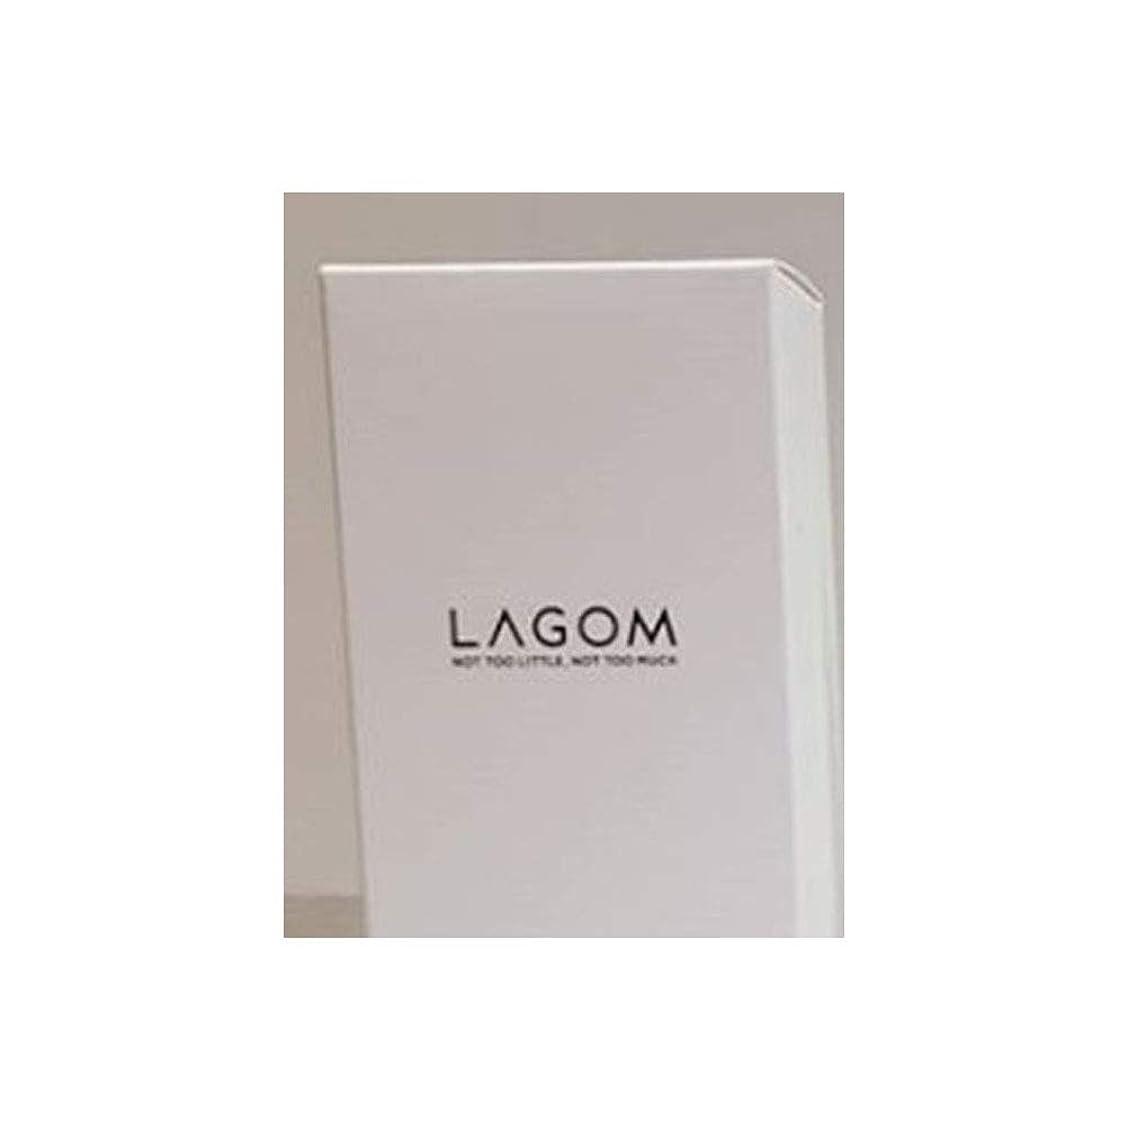 無傷迷信疑問を超えてラゴムセレブマイクロフォームクレンザー150ml韓国コスメ、Lagom Cellup Micro Foam Cleanser 150ml Korean Cosmetics [並行輸入品]